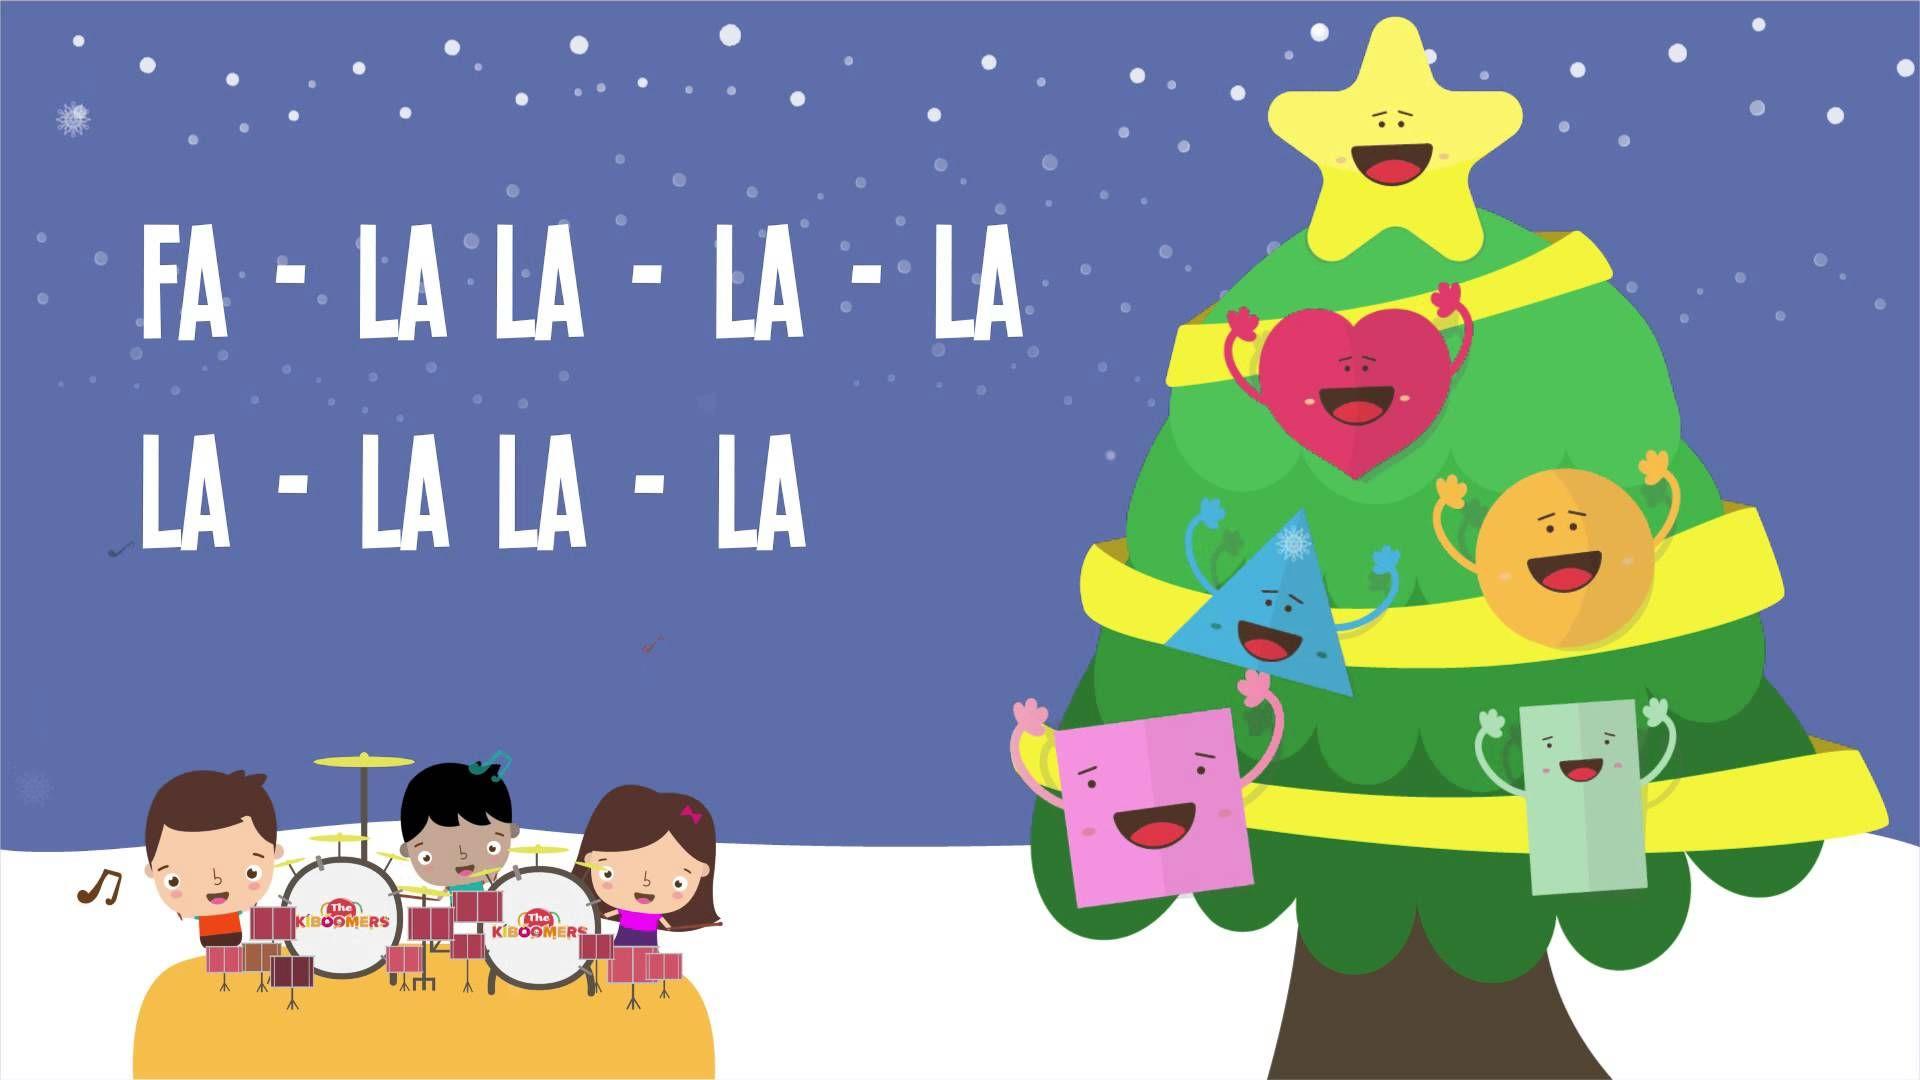 Shapes On The Christmas Tree Kids Christmas Songs Christmas Carols Christmas Songs For Kids Preschool Christmas Songs Preschool Songs